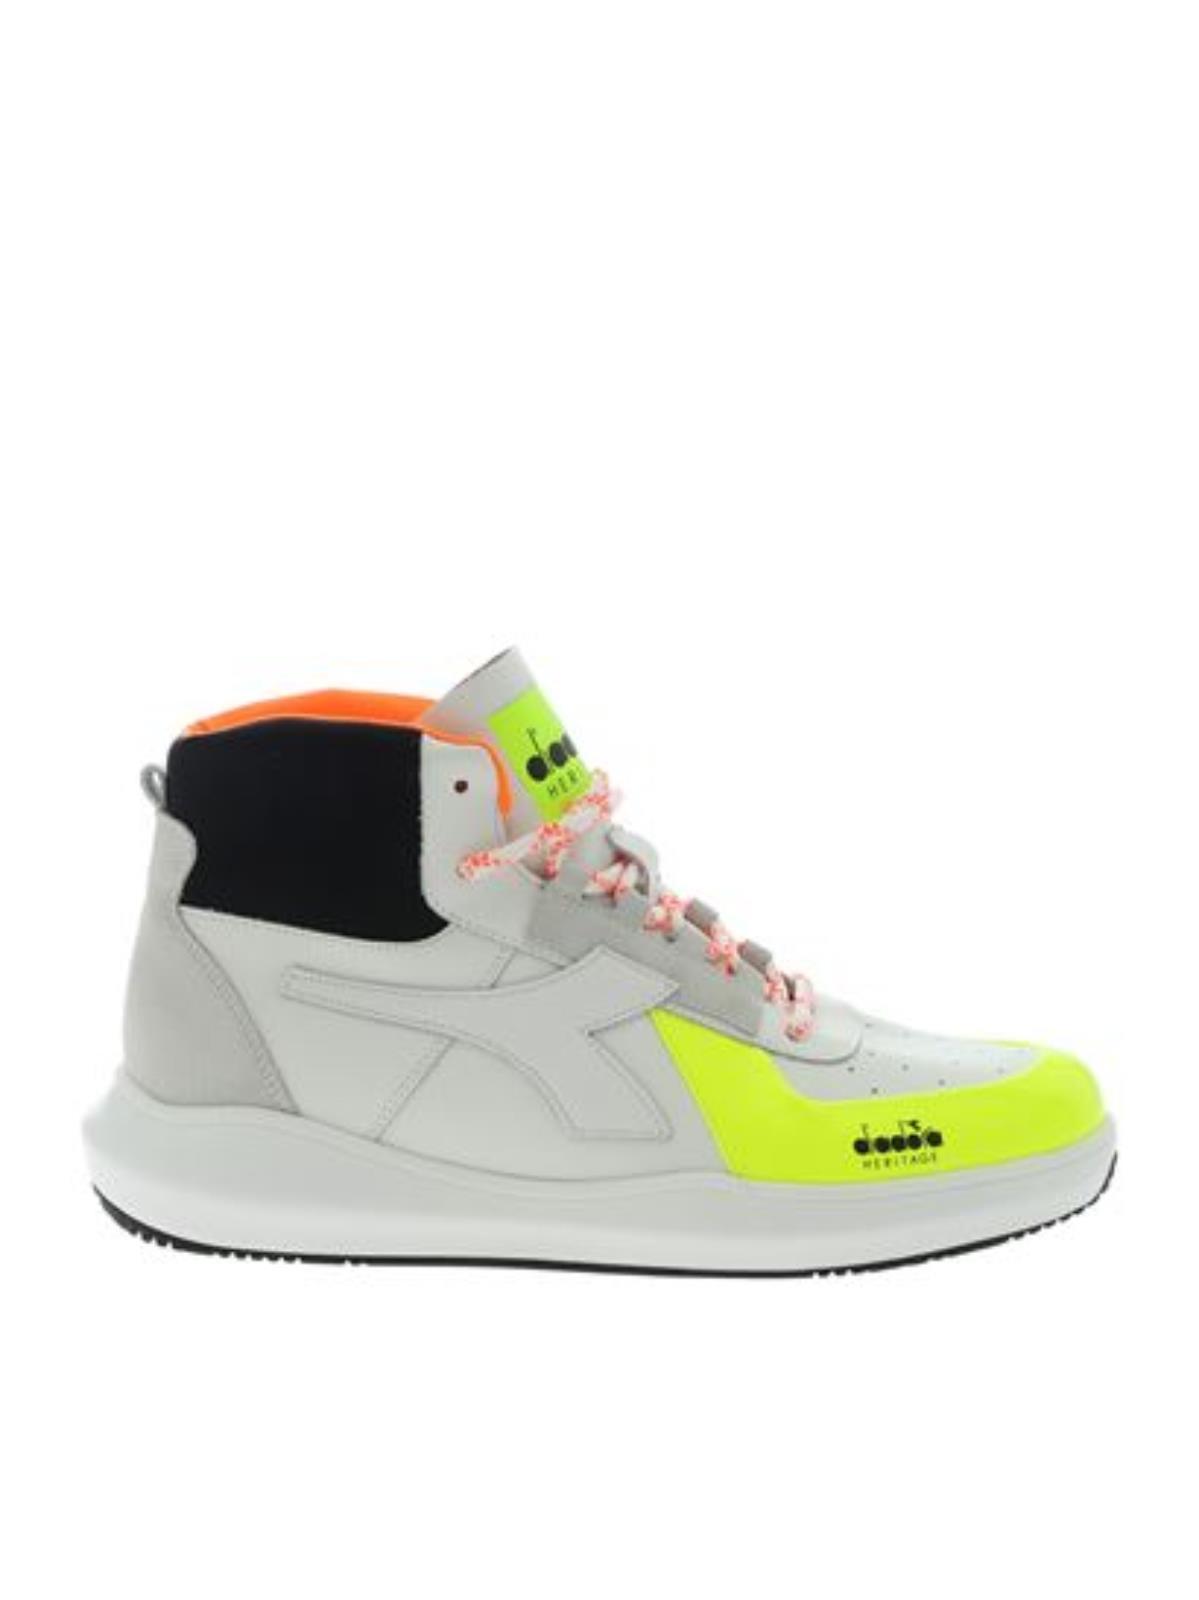 diadora scarpe basket,nike basketball marketing jobs,diadora